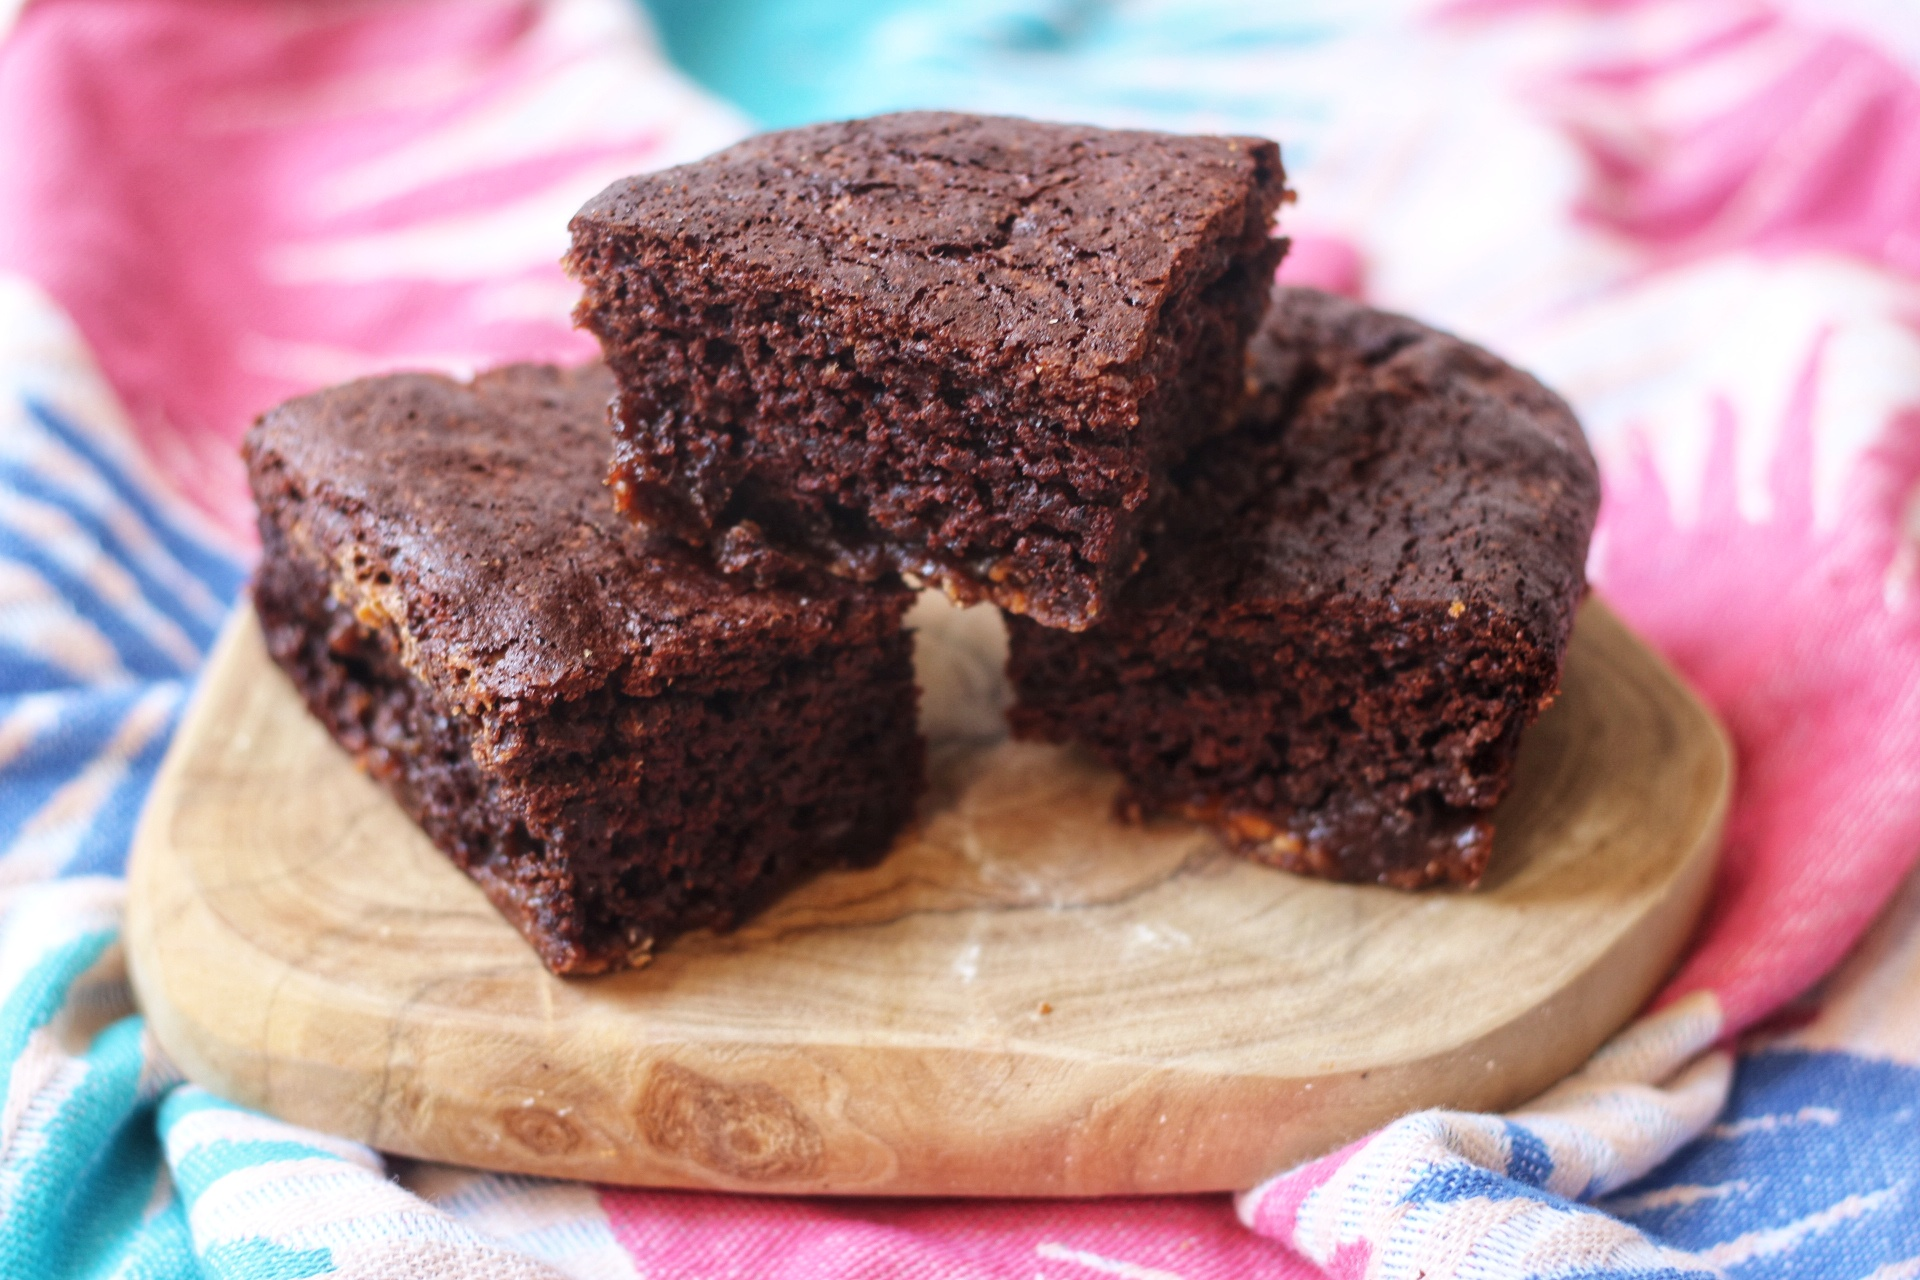 The best vegan brownie recipe